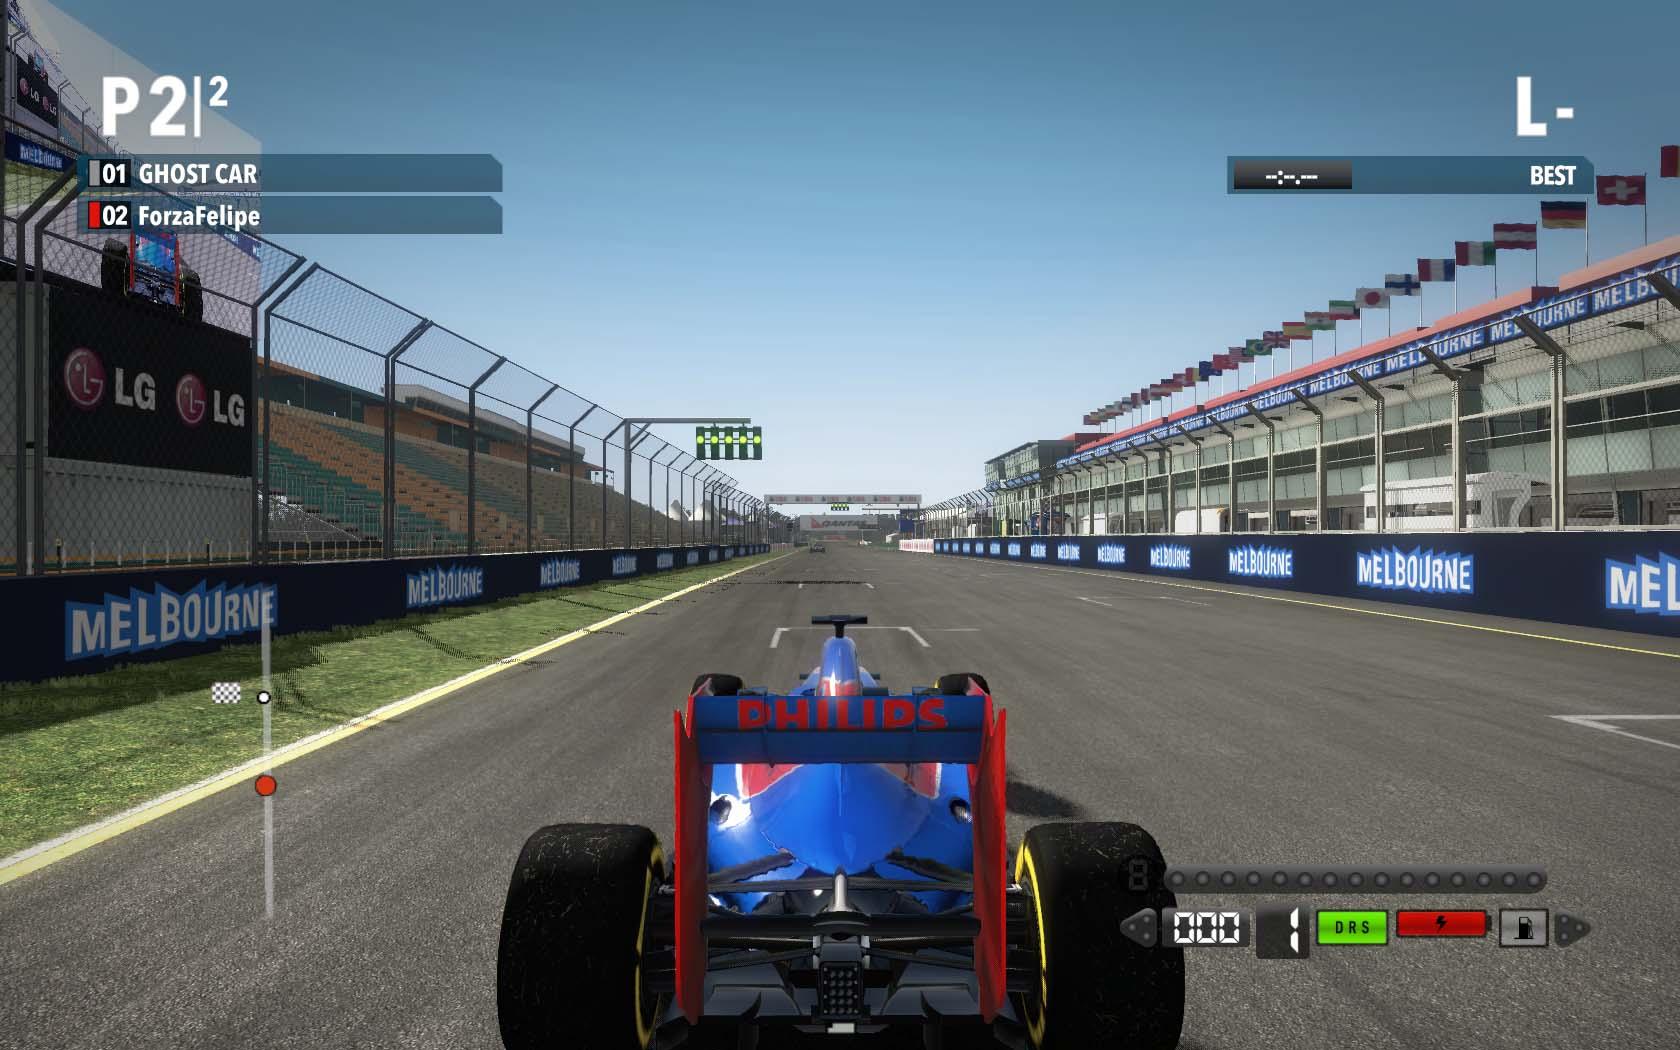 F1_2012 2013-03-29 14-58-37-88.jpg